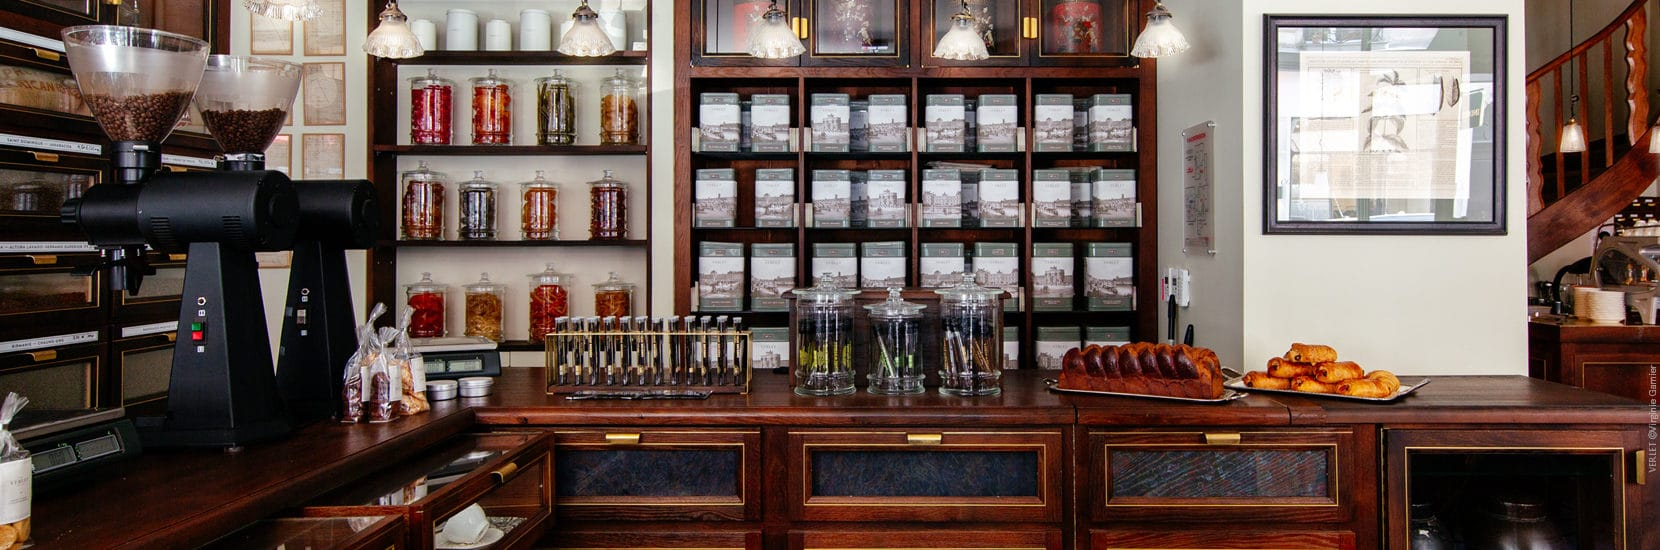 Bocaux présentés dans la boutique VERLET ©Virginie Garnier